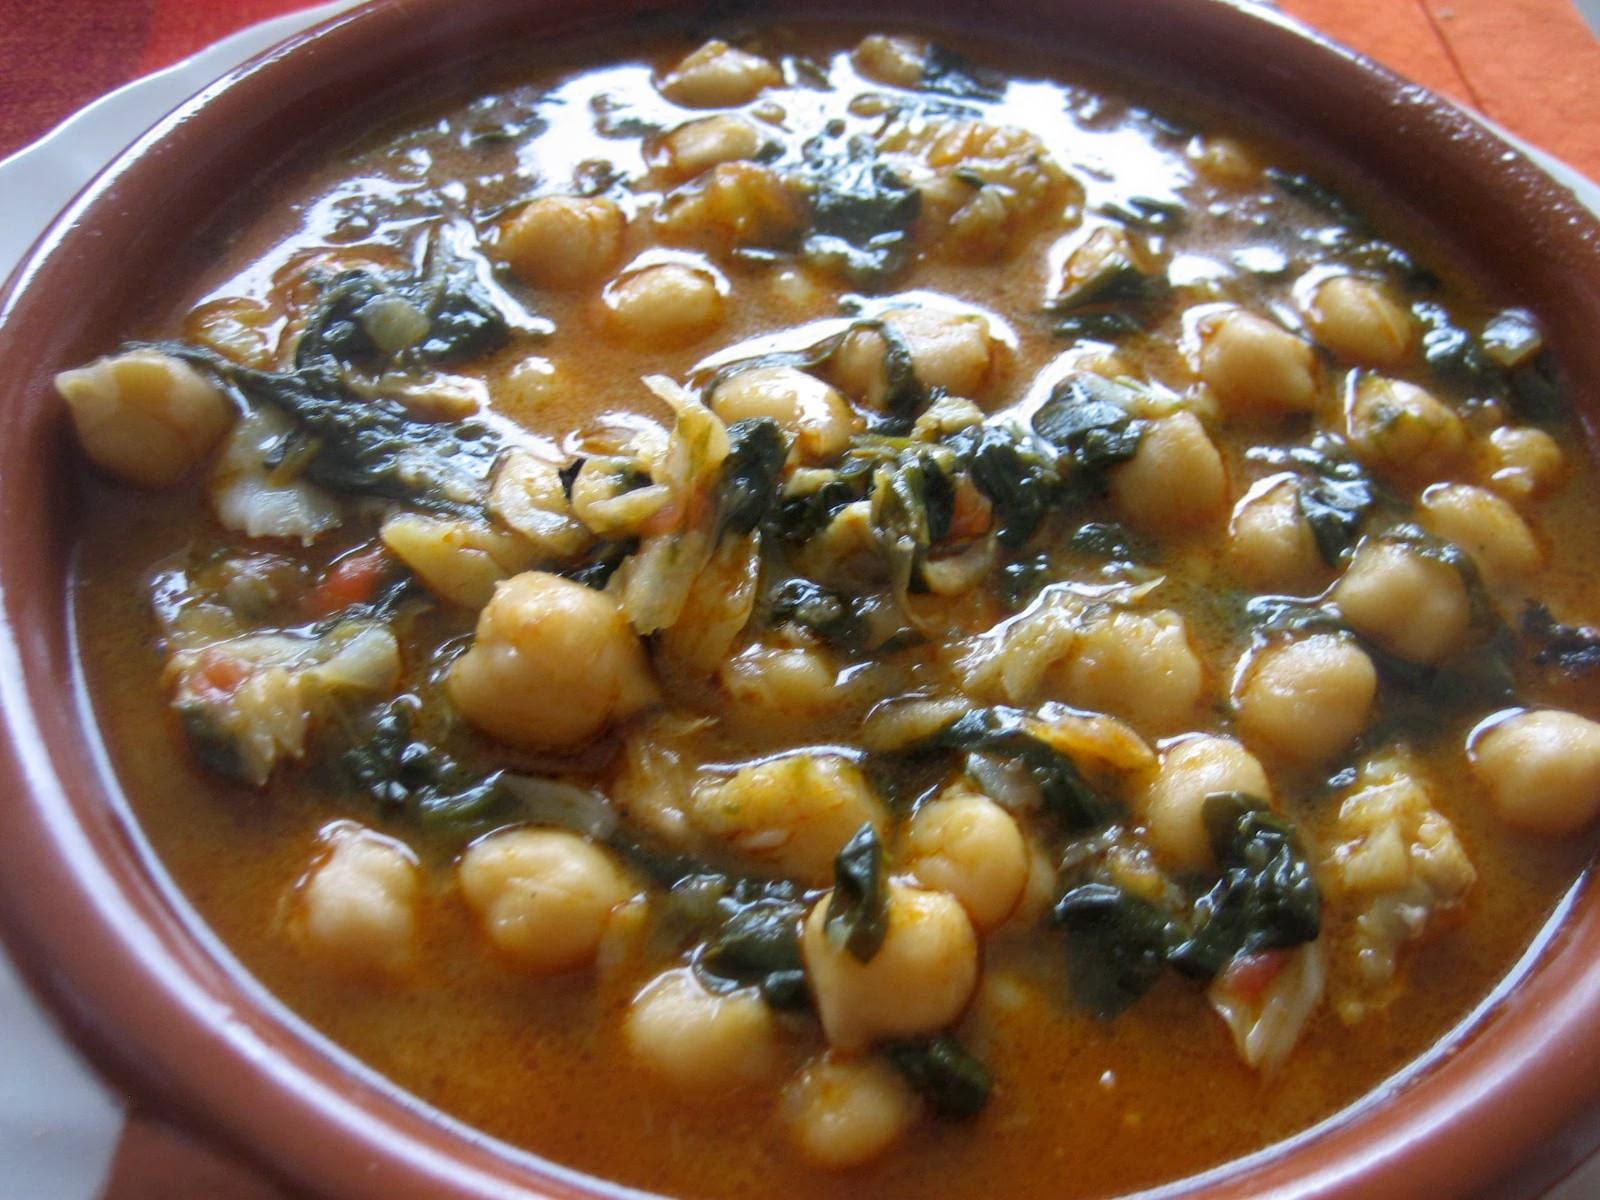 Potaje de garbanzos con bacalao 3 variedades deliciosas - Potaje de garbanzos y judias ...